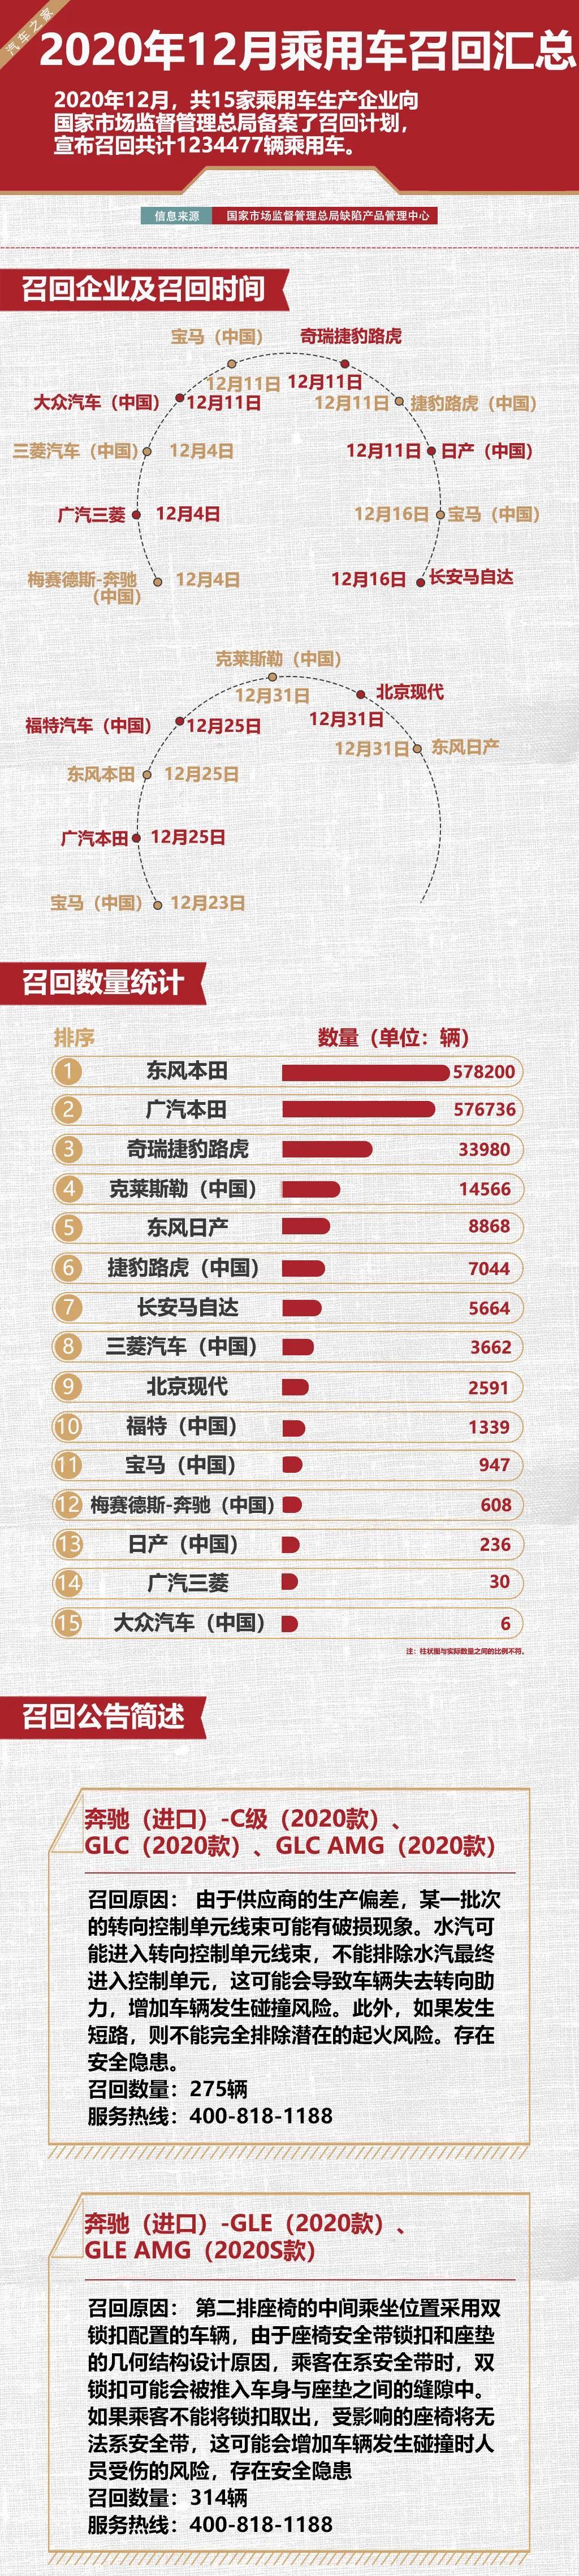 12月国内召回123万余辆车,本田占比超九成